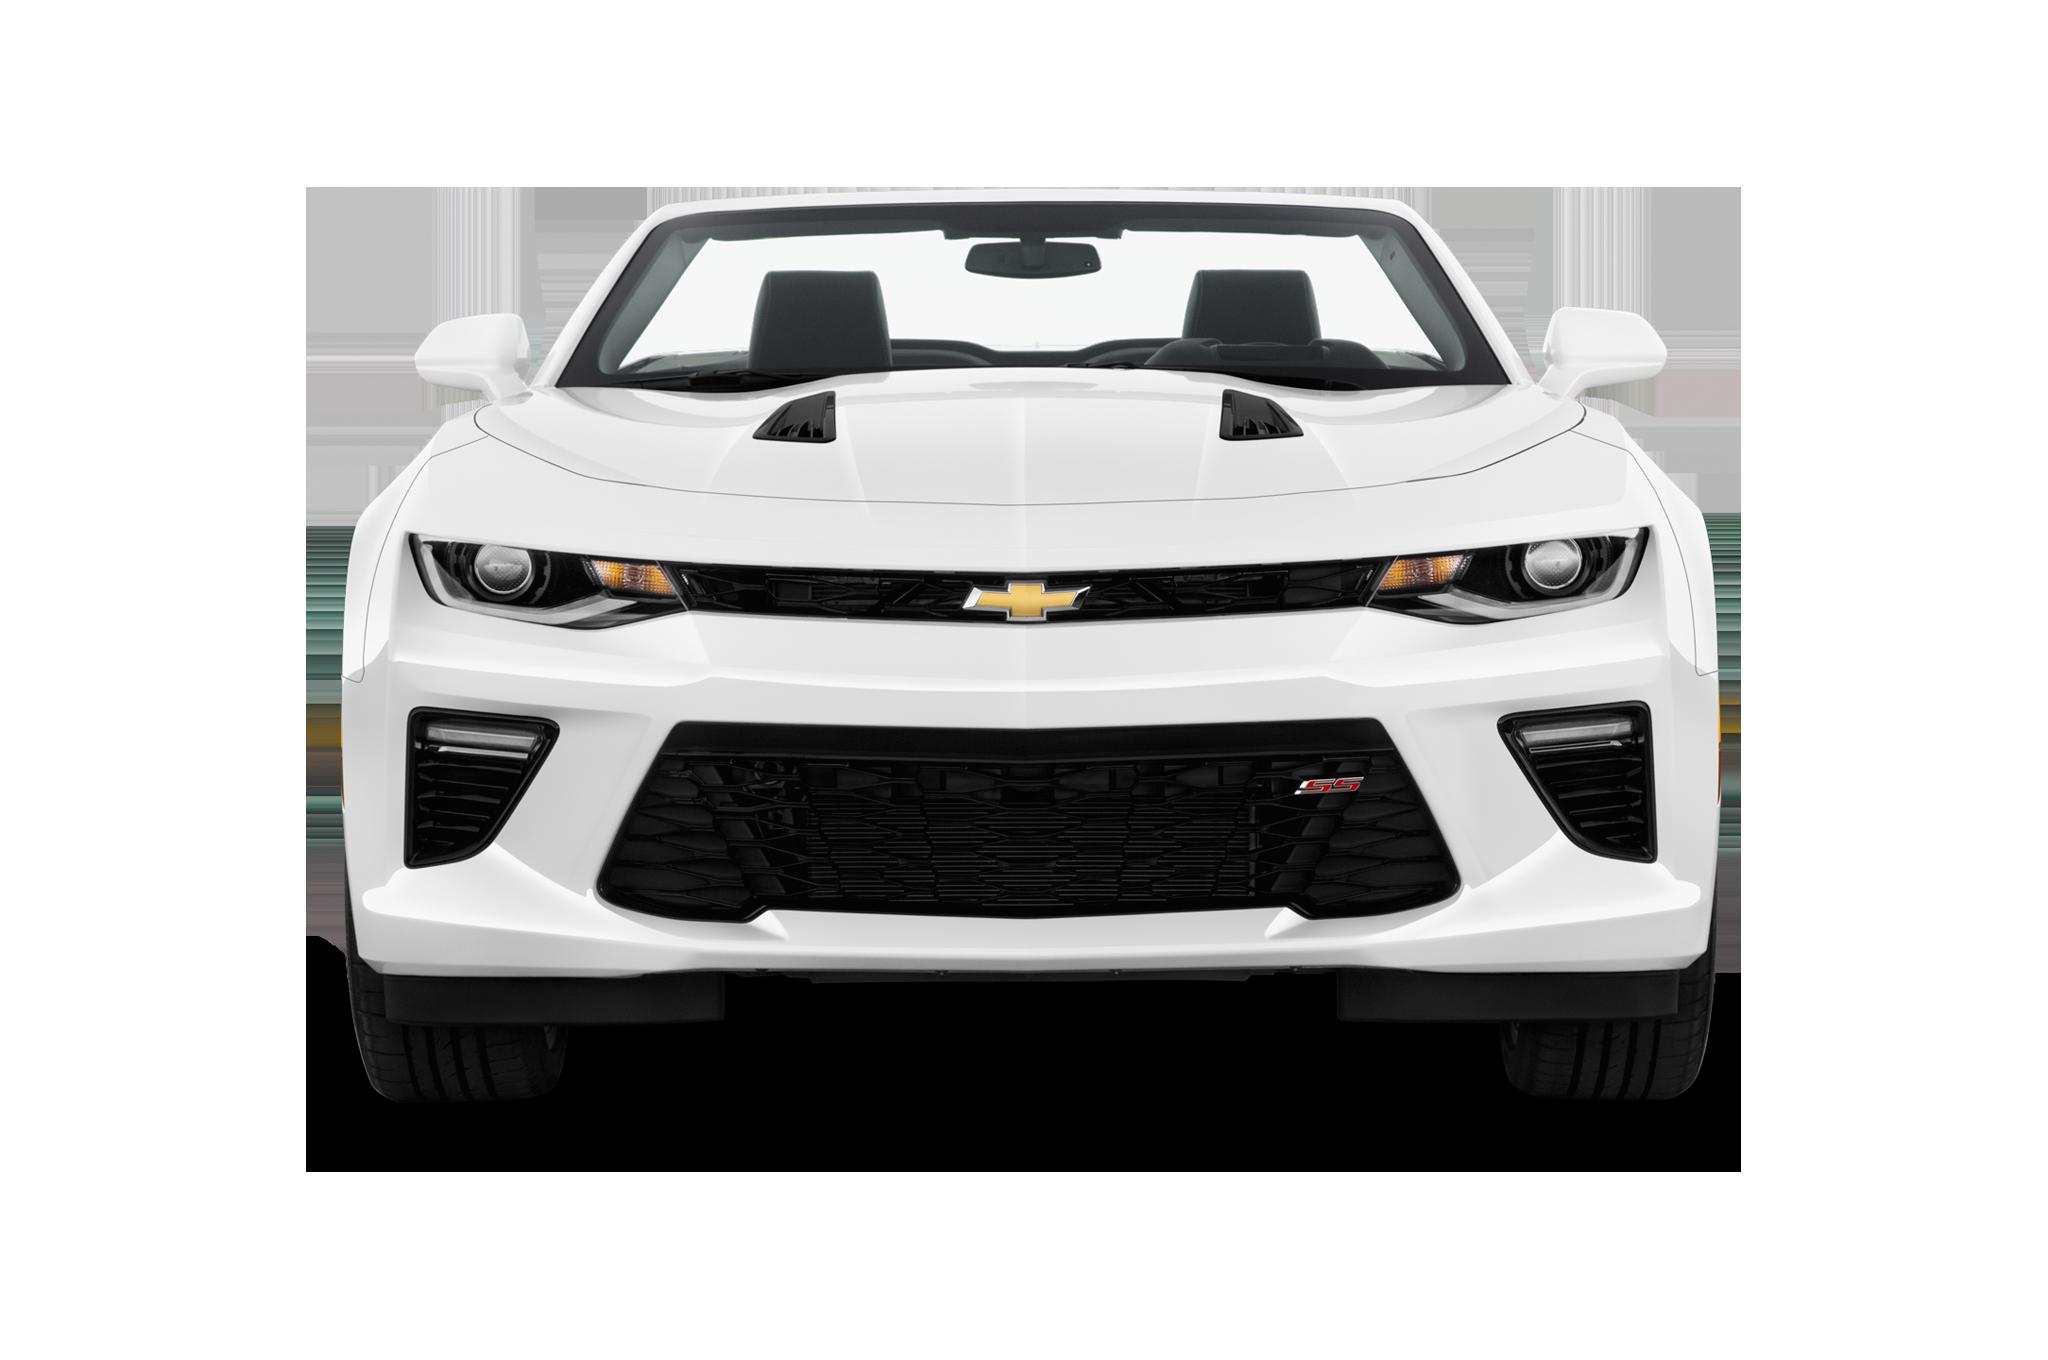 Used 2015 Chevrolet Camaro For Sale  CarGurus